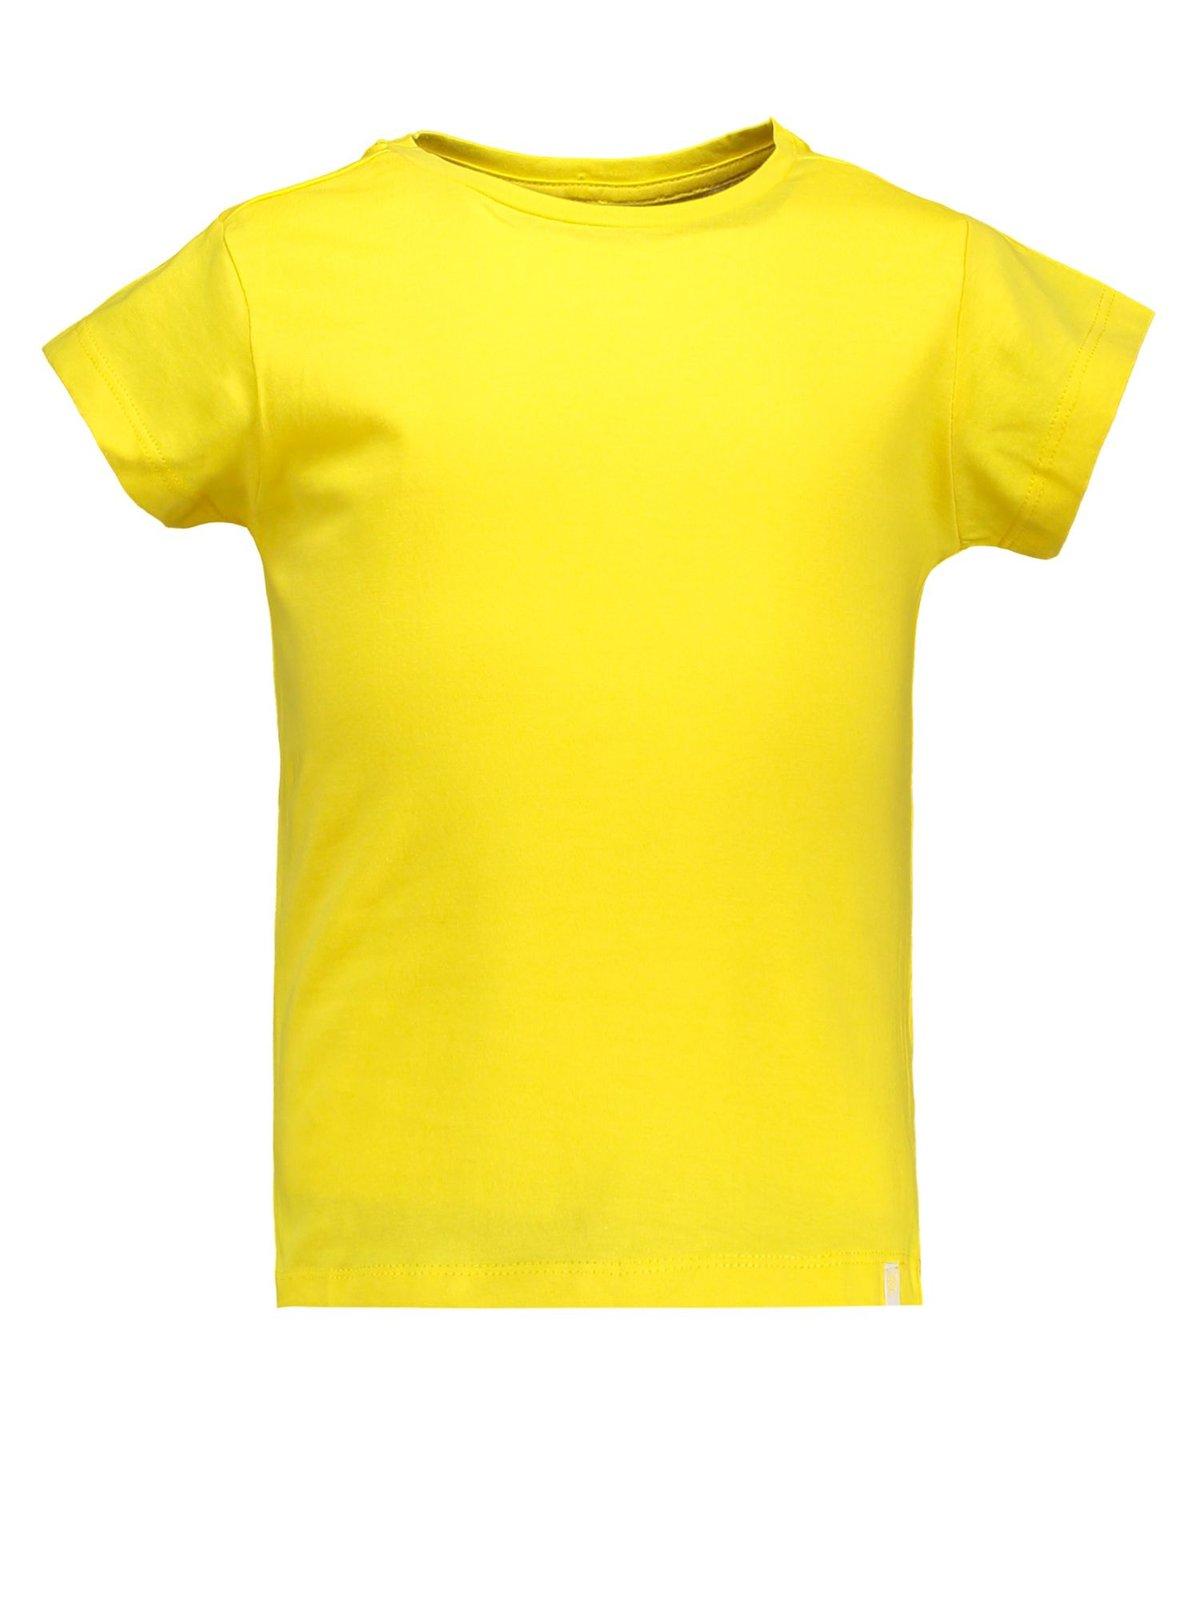 желтая футболка детская купить